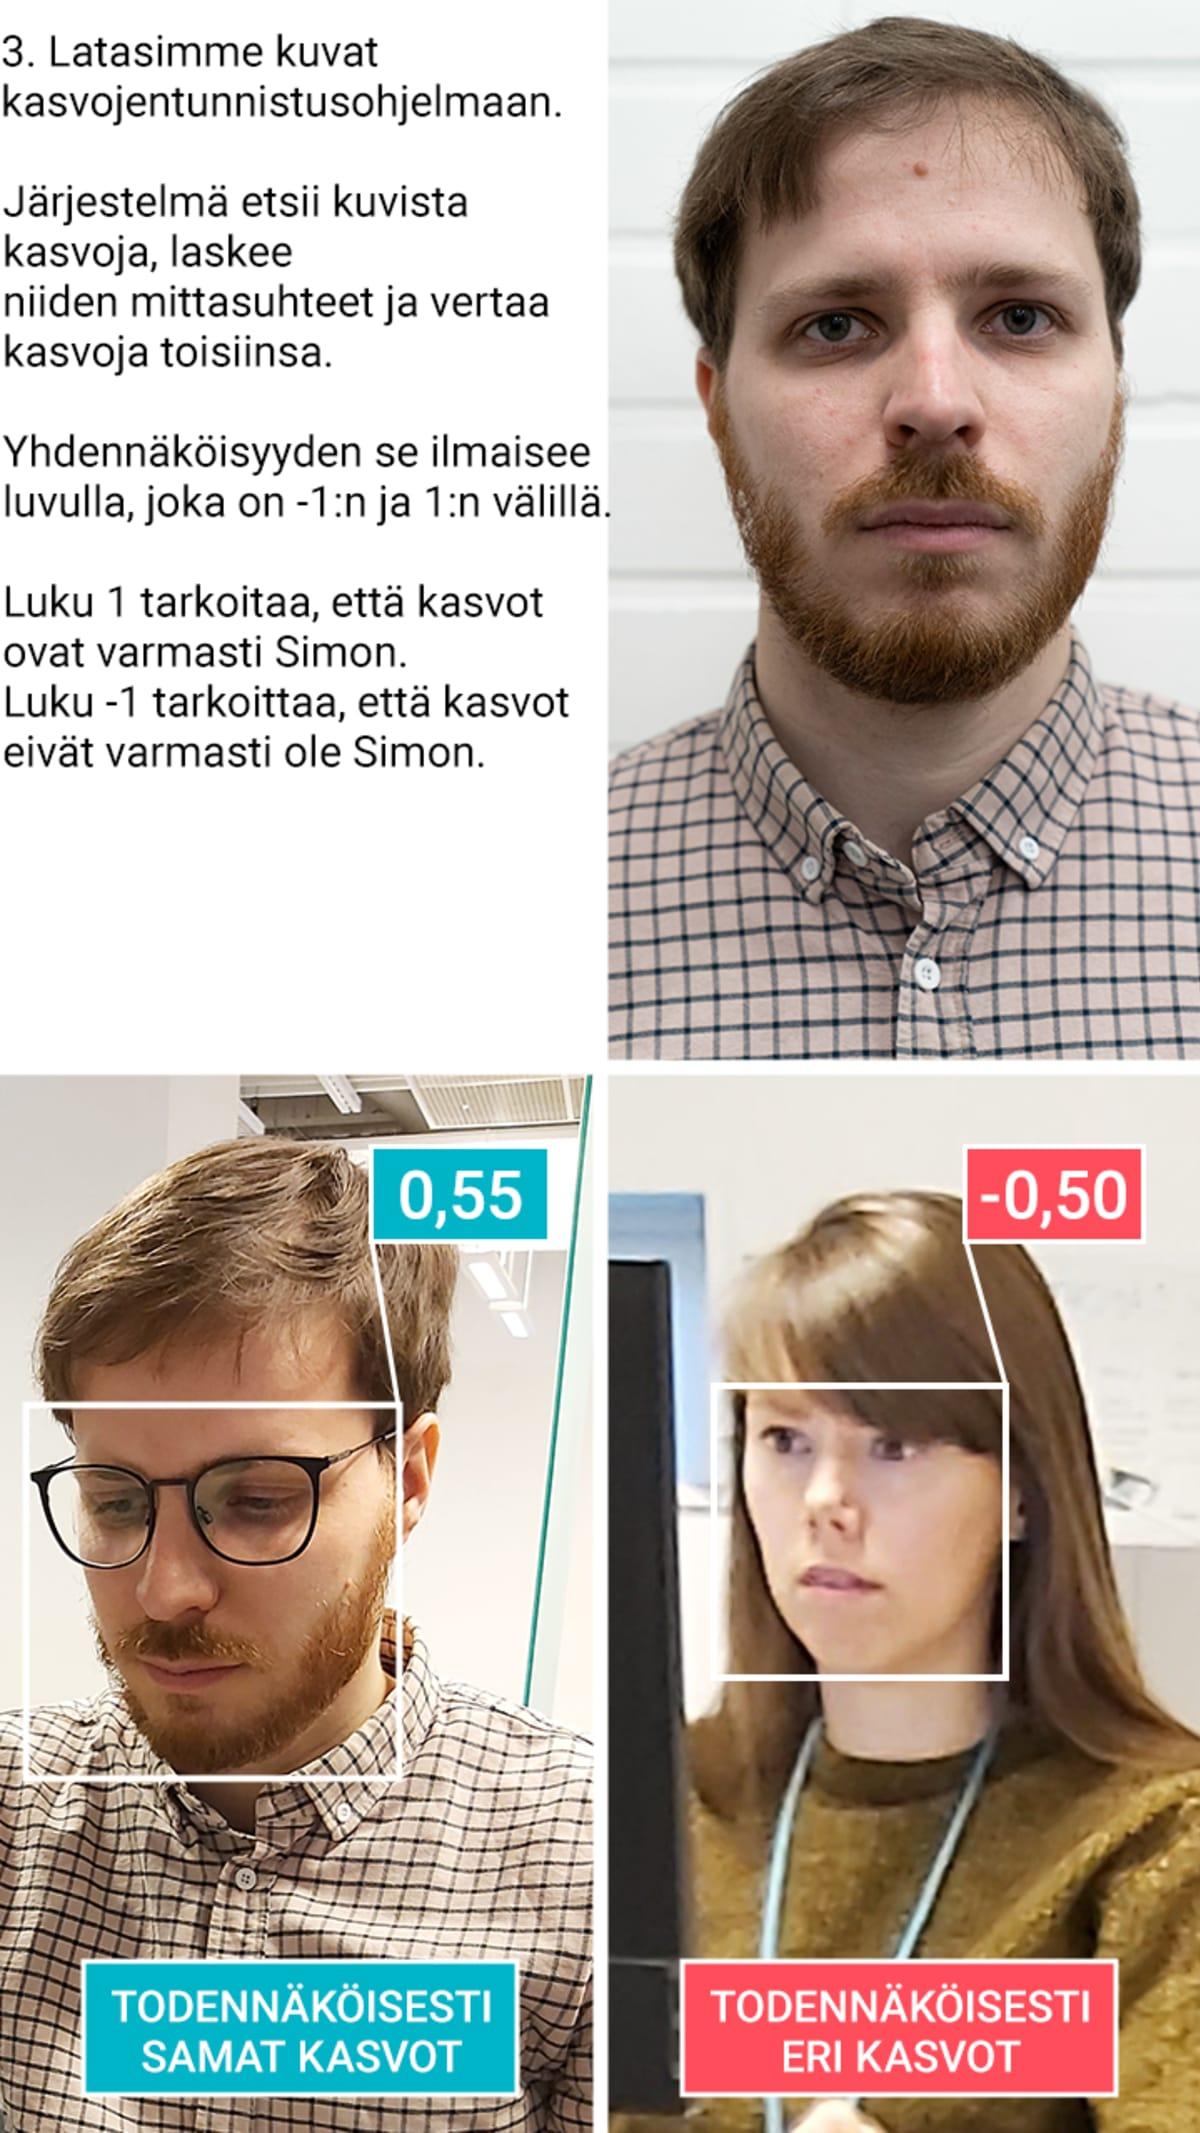 Kuvaa ja tekstiä kasvojentunnistamisesta.